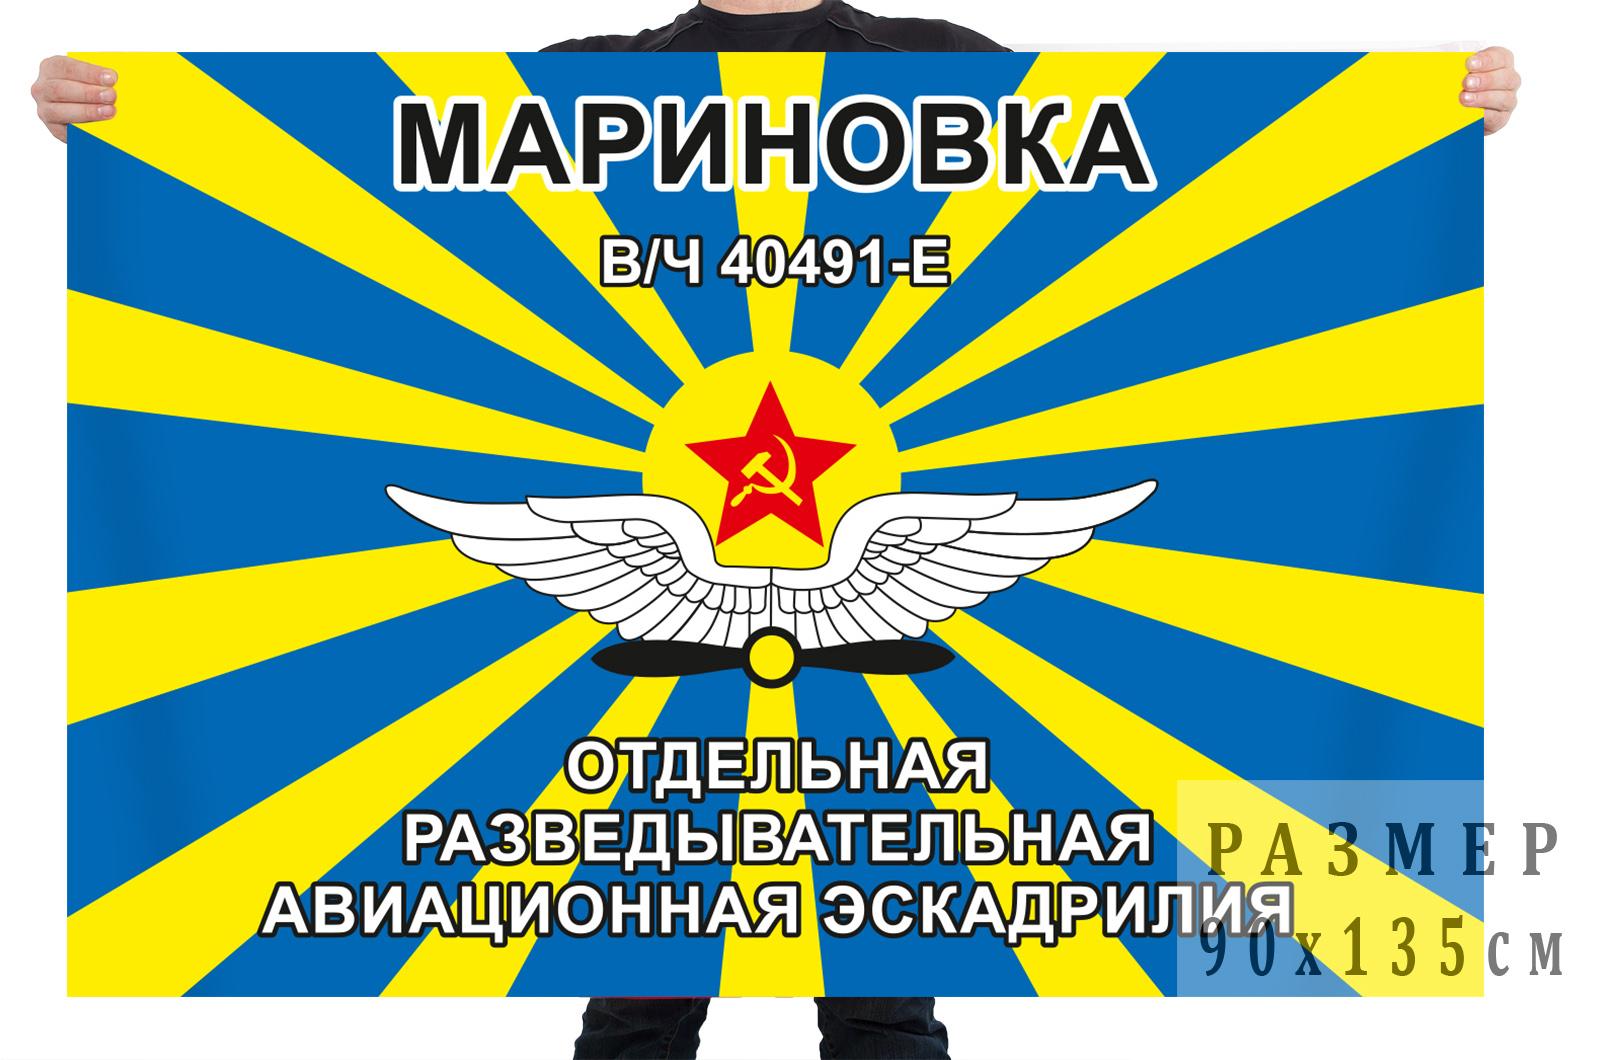 Флаг отдельной разведывательной авиационной эскадрильи Мариновка